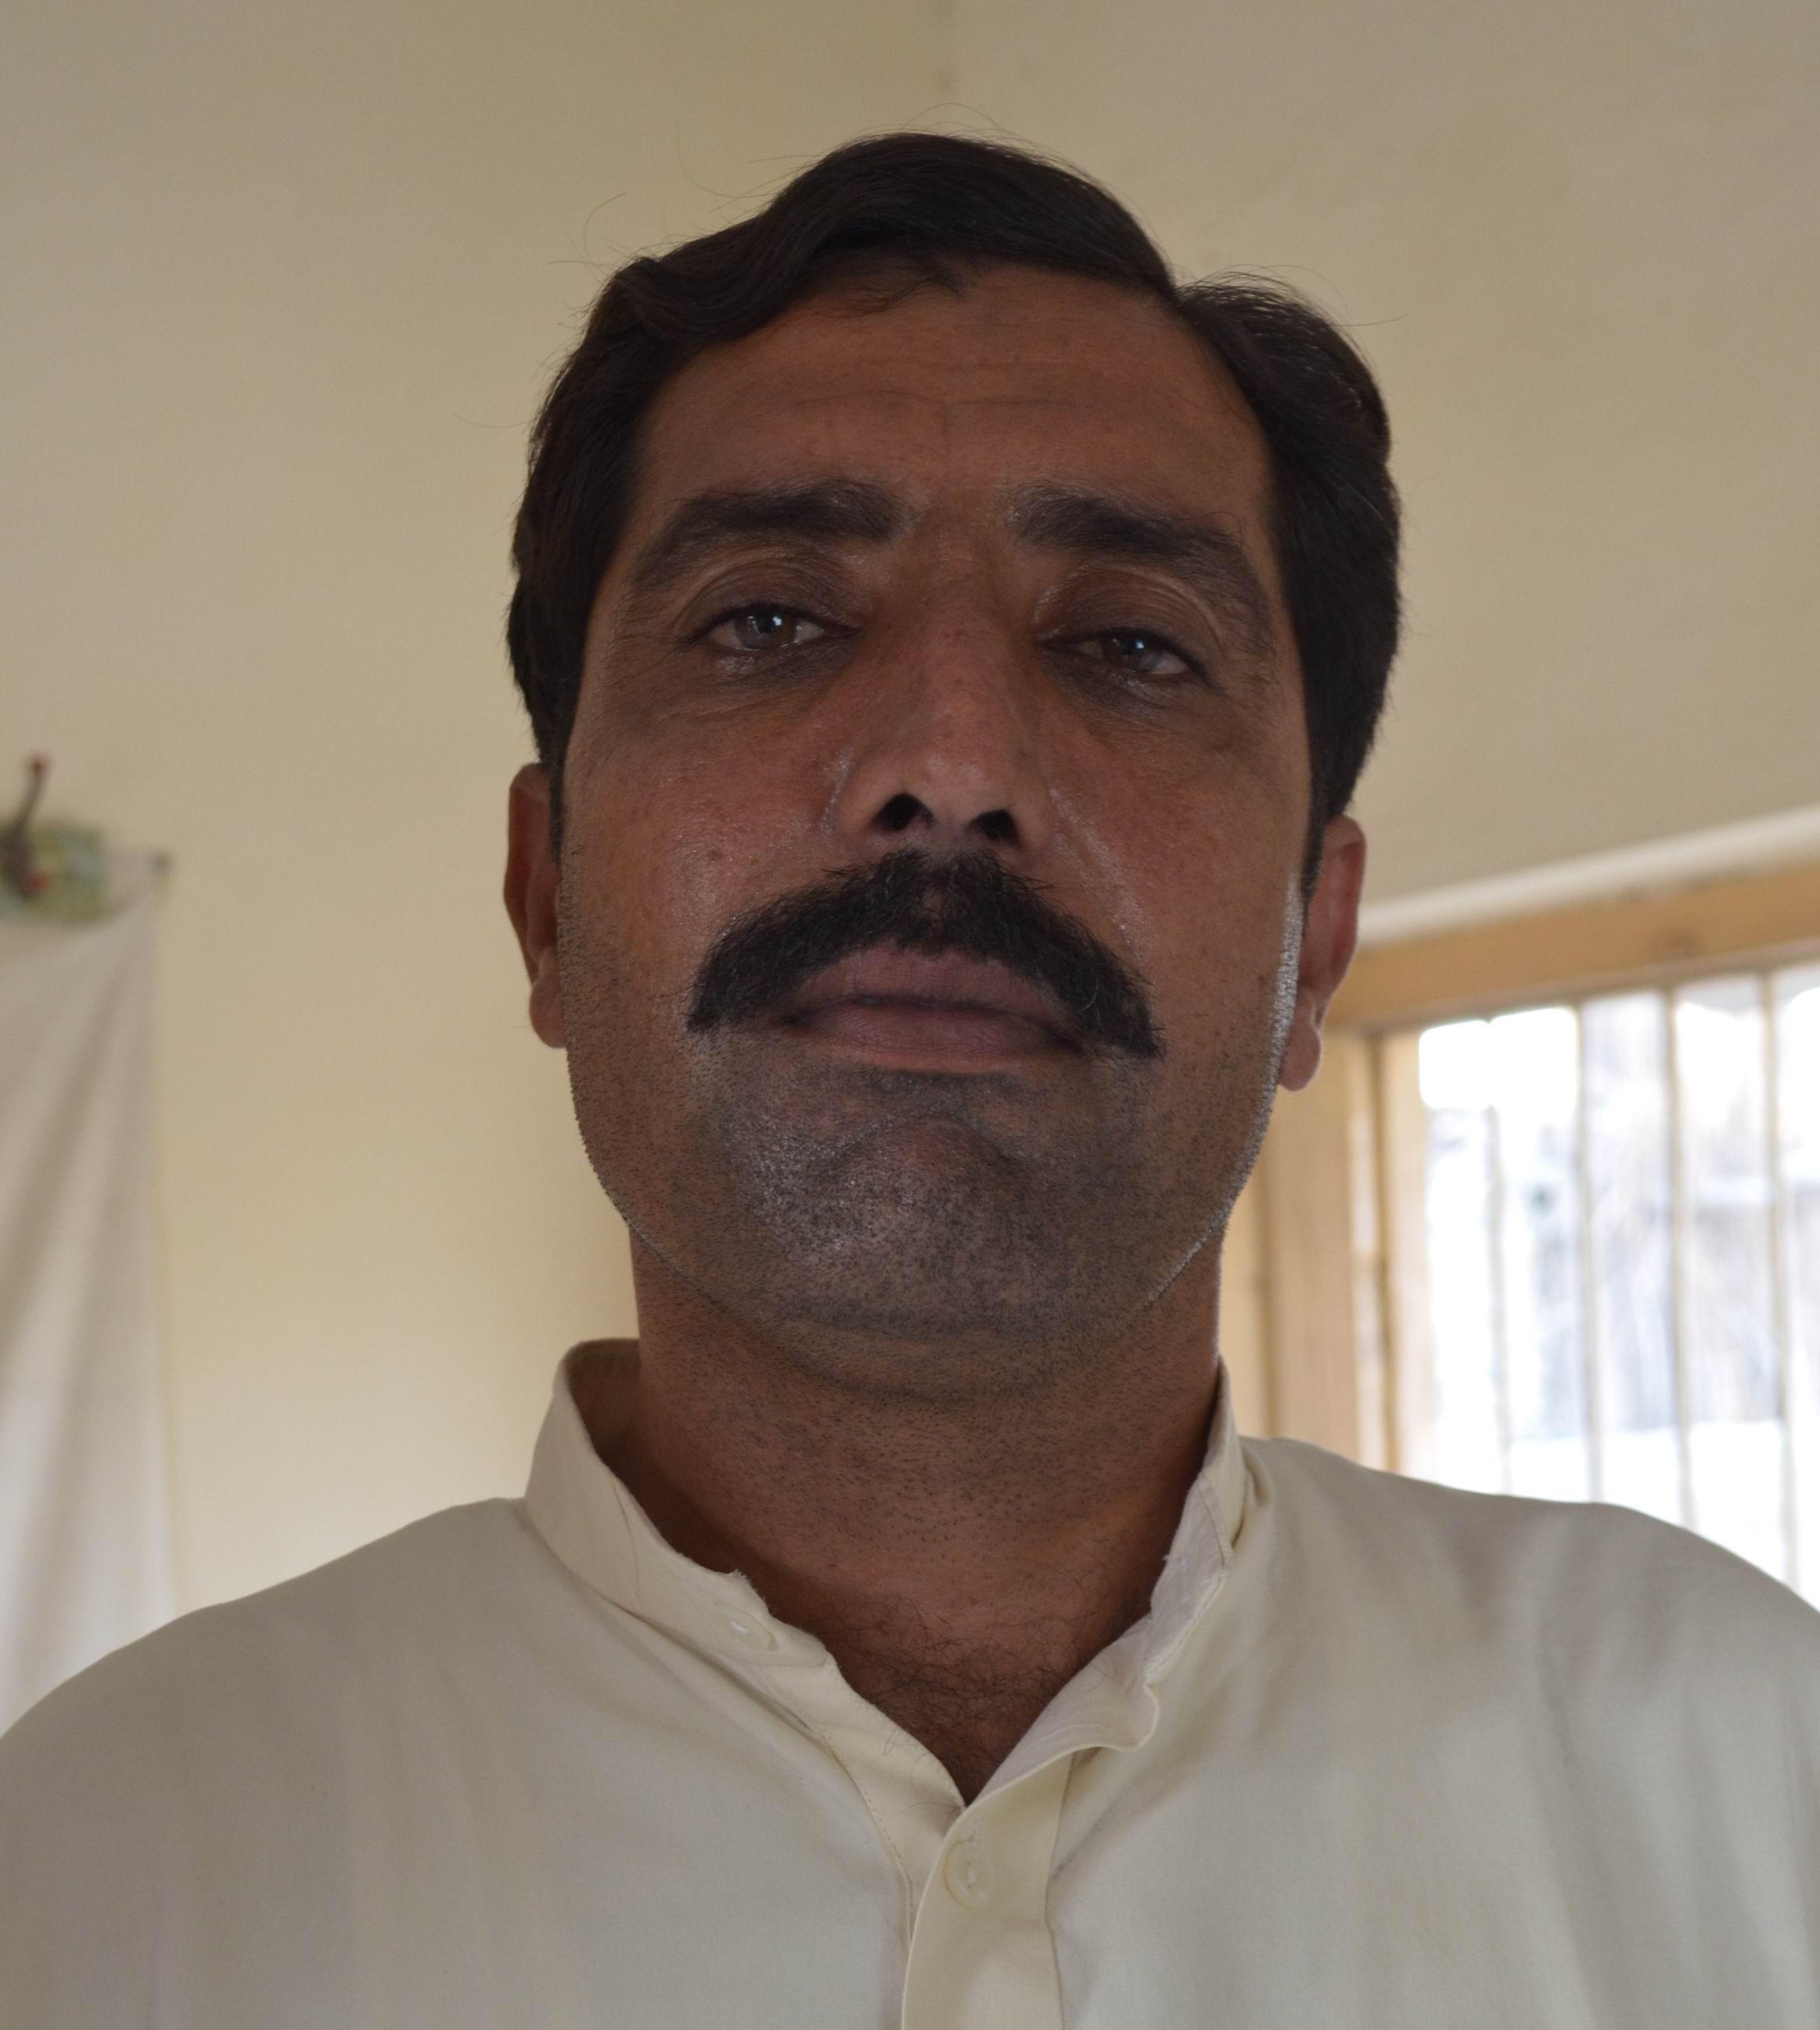 Malik Abdul Hafeez Aslam